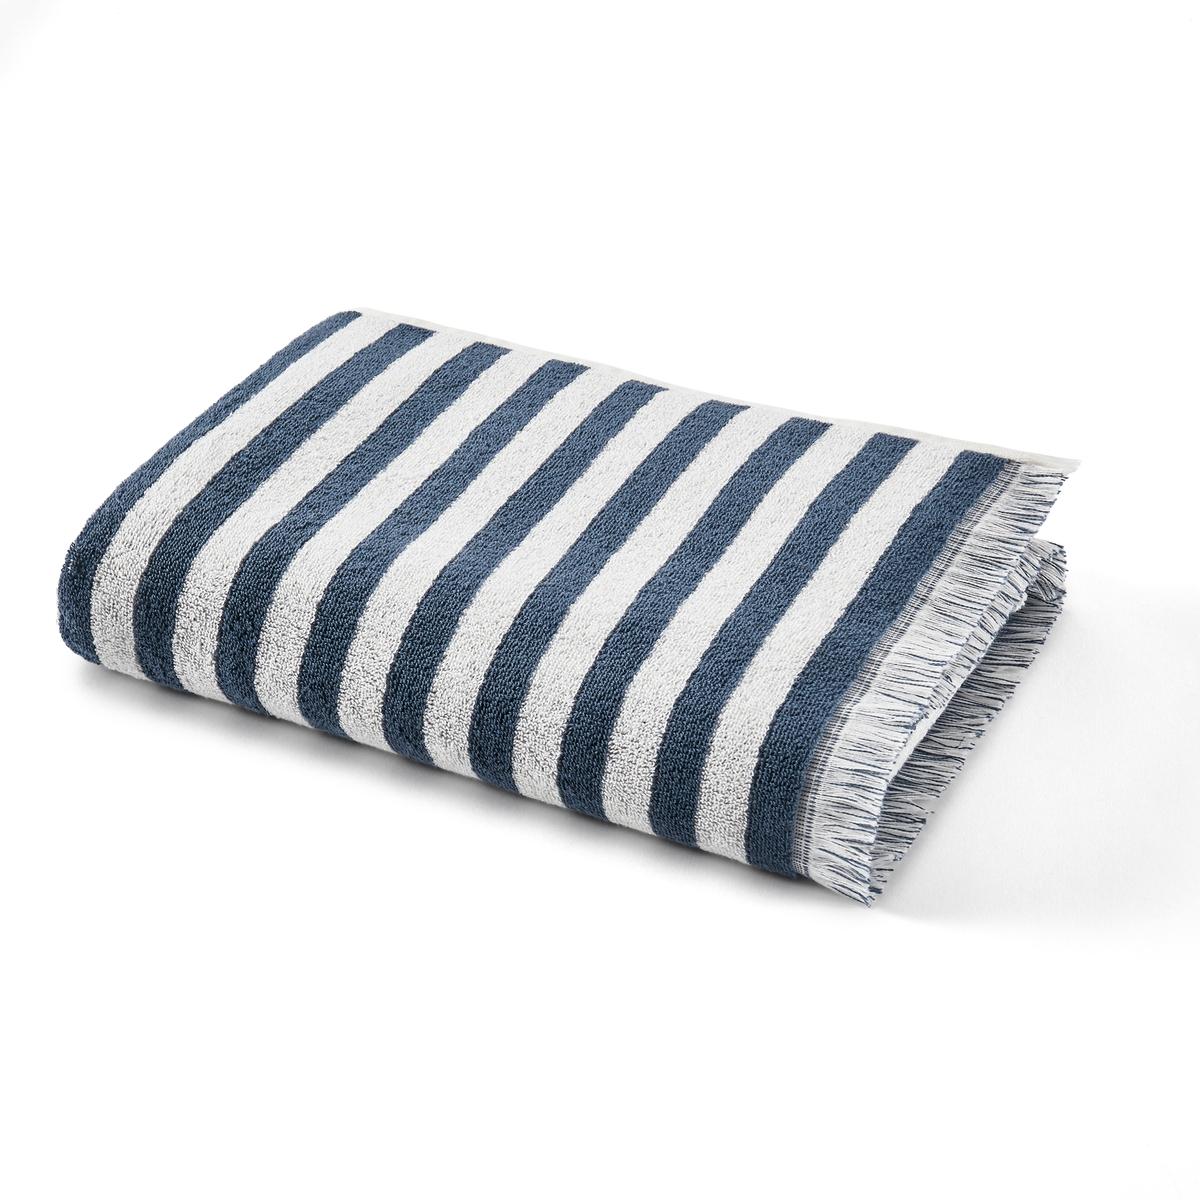 Полотенце La Redoute Махровое в полоску Malia 70 x 140 см синий полотенце махровое вт забавный мишка цвет синий 33 х 70 см м1053 01